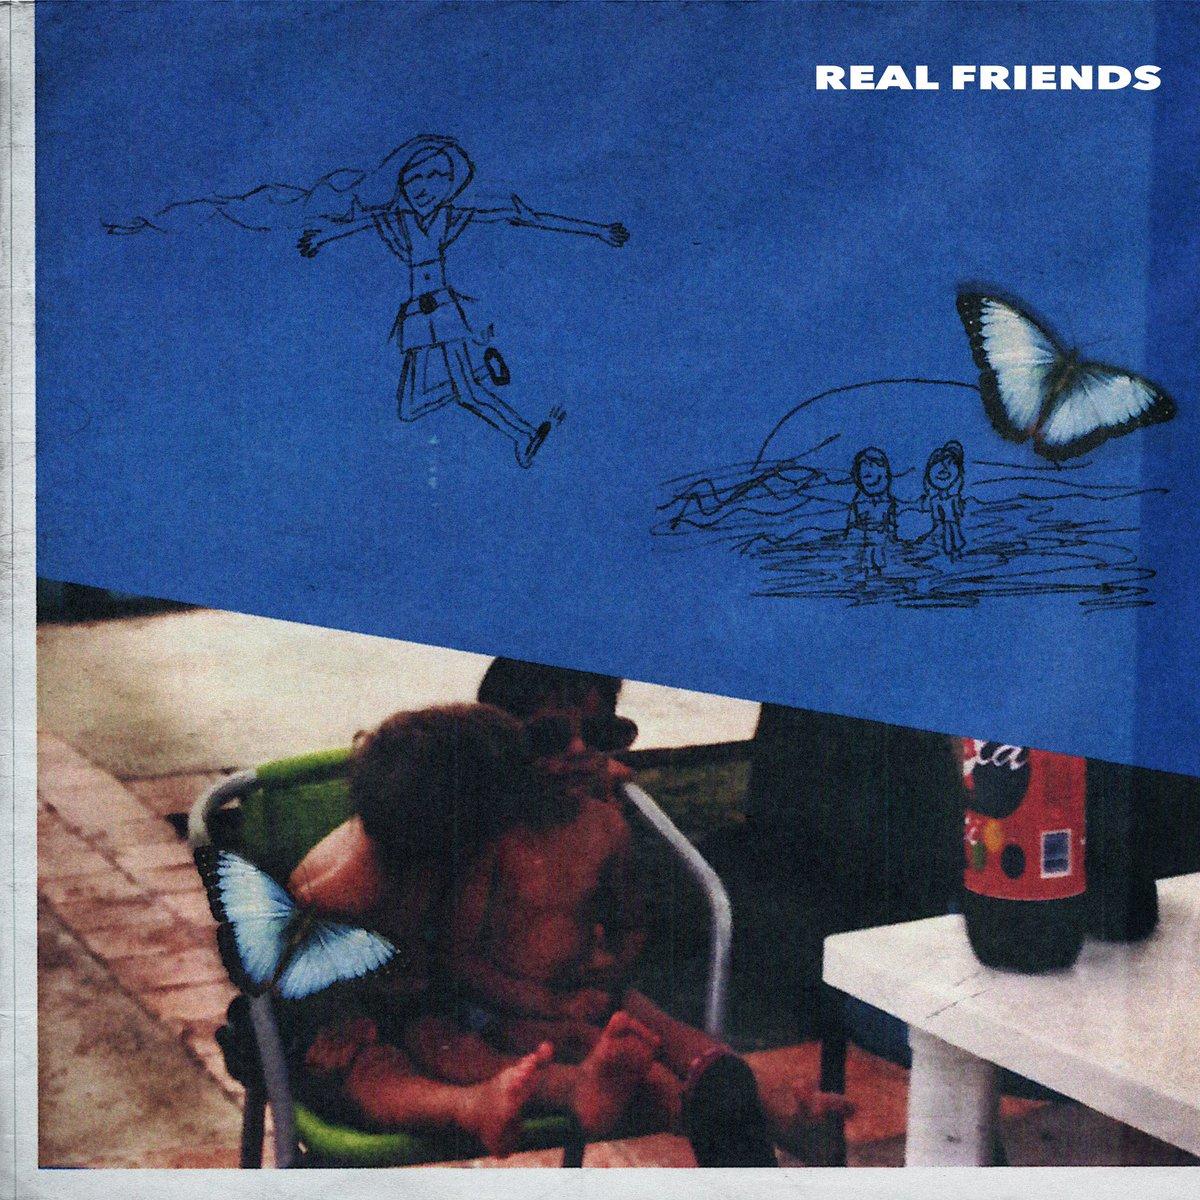 Camila Cabello - Real Friends